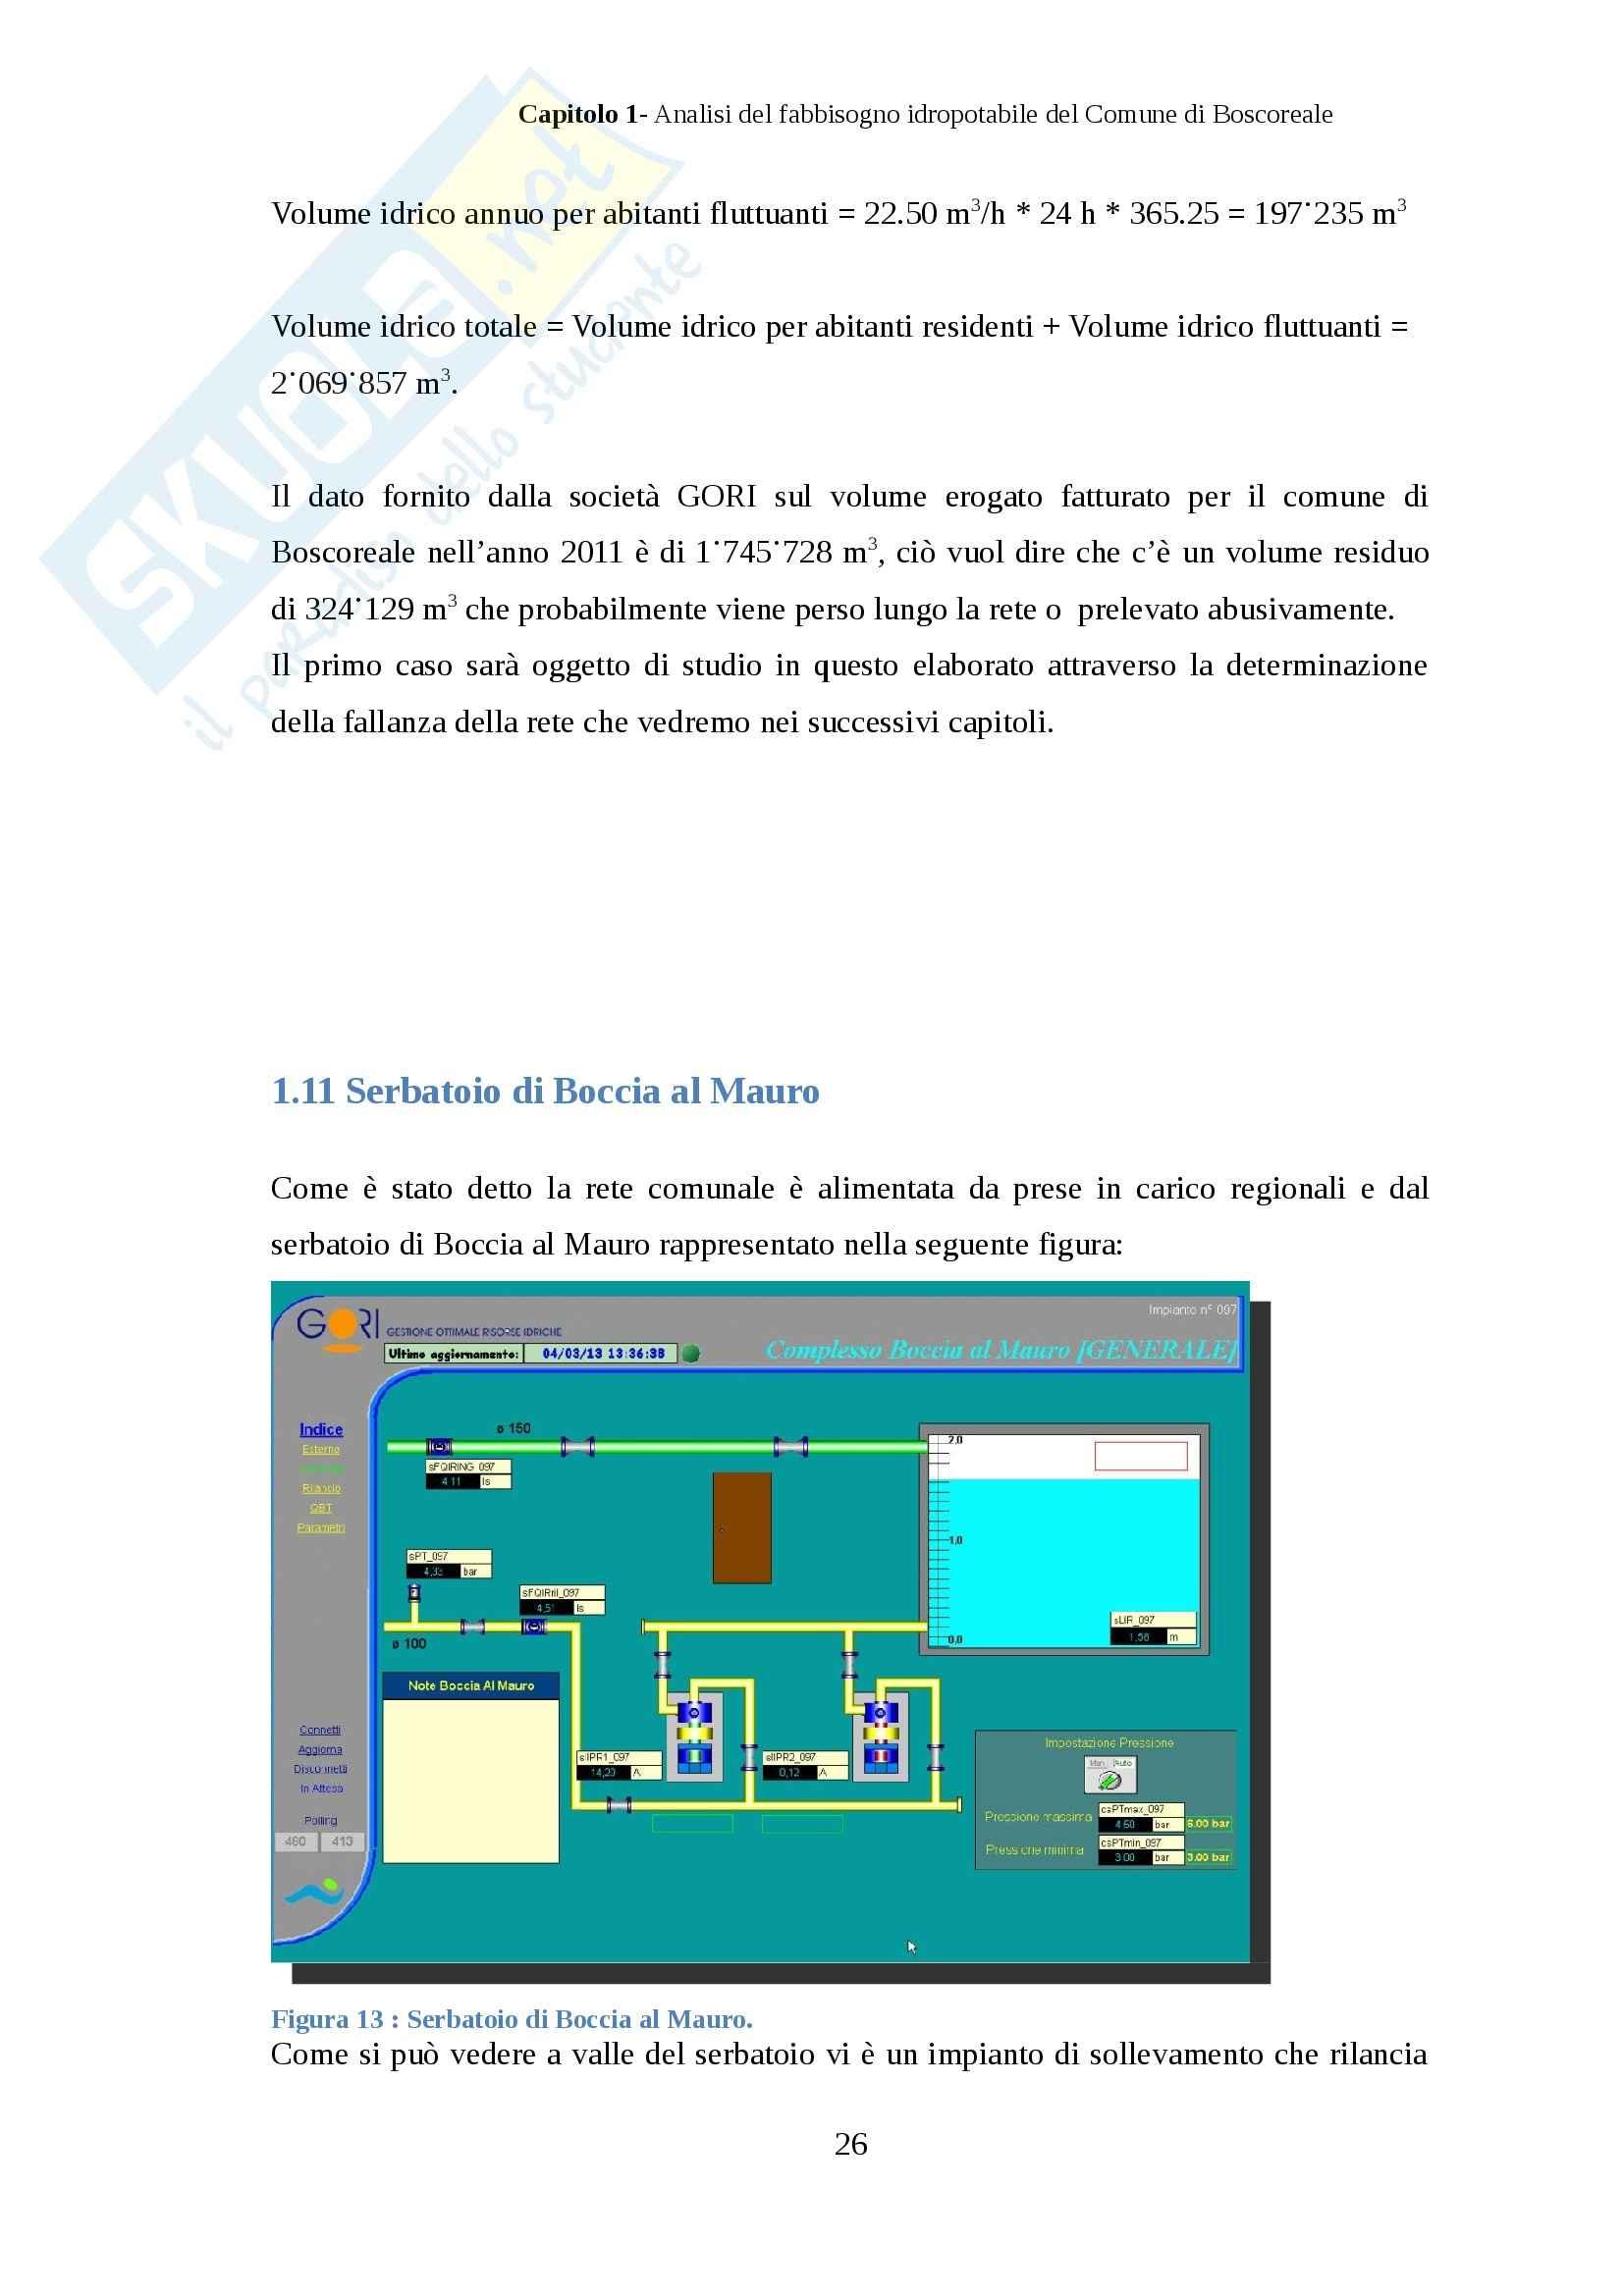 Tesi - Analisi delle perdite idriche mediante georeferenziazione delle rotture su sistema gis Pag. 26